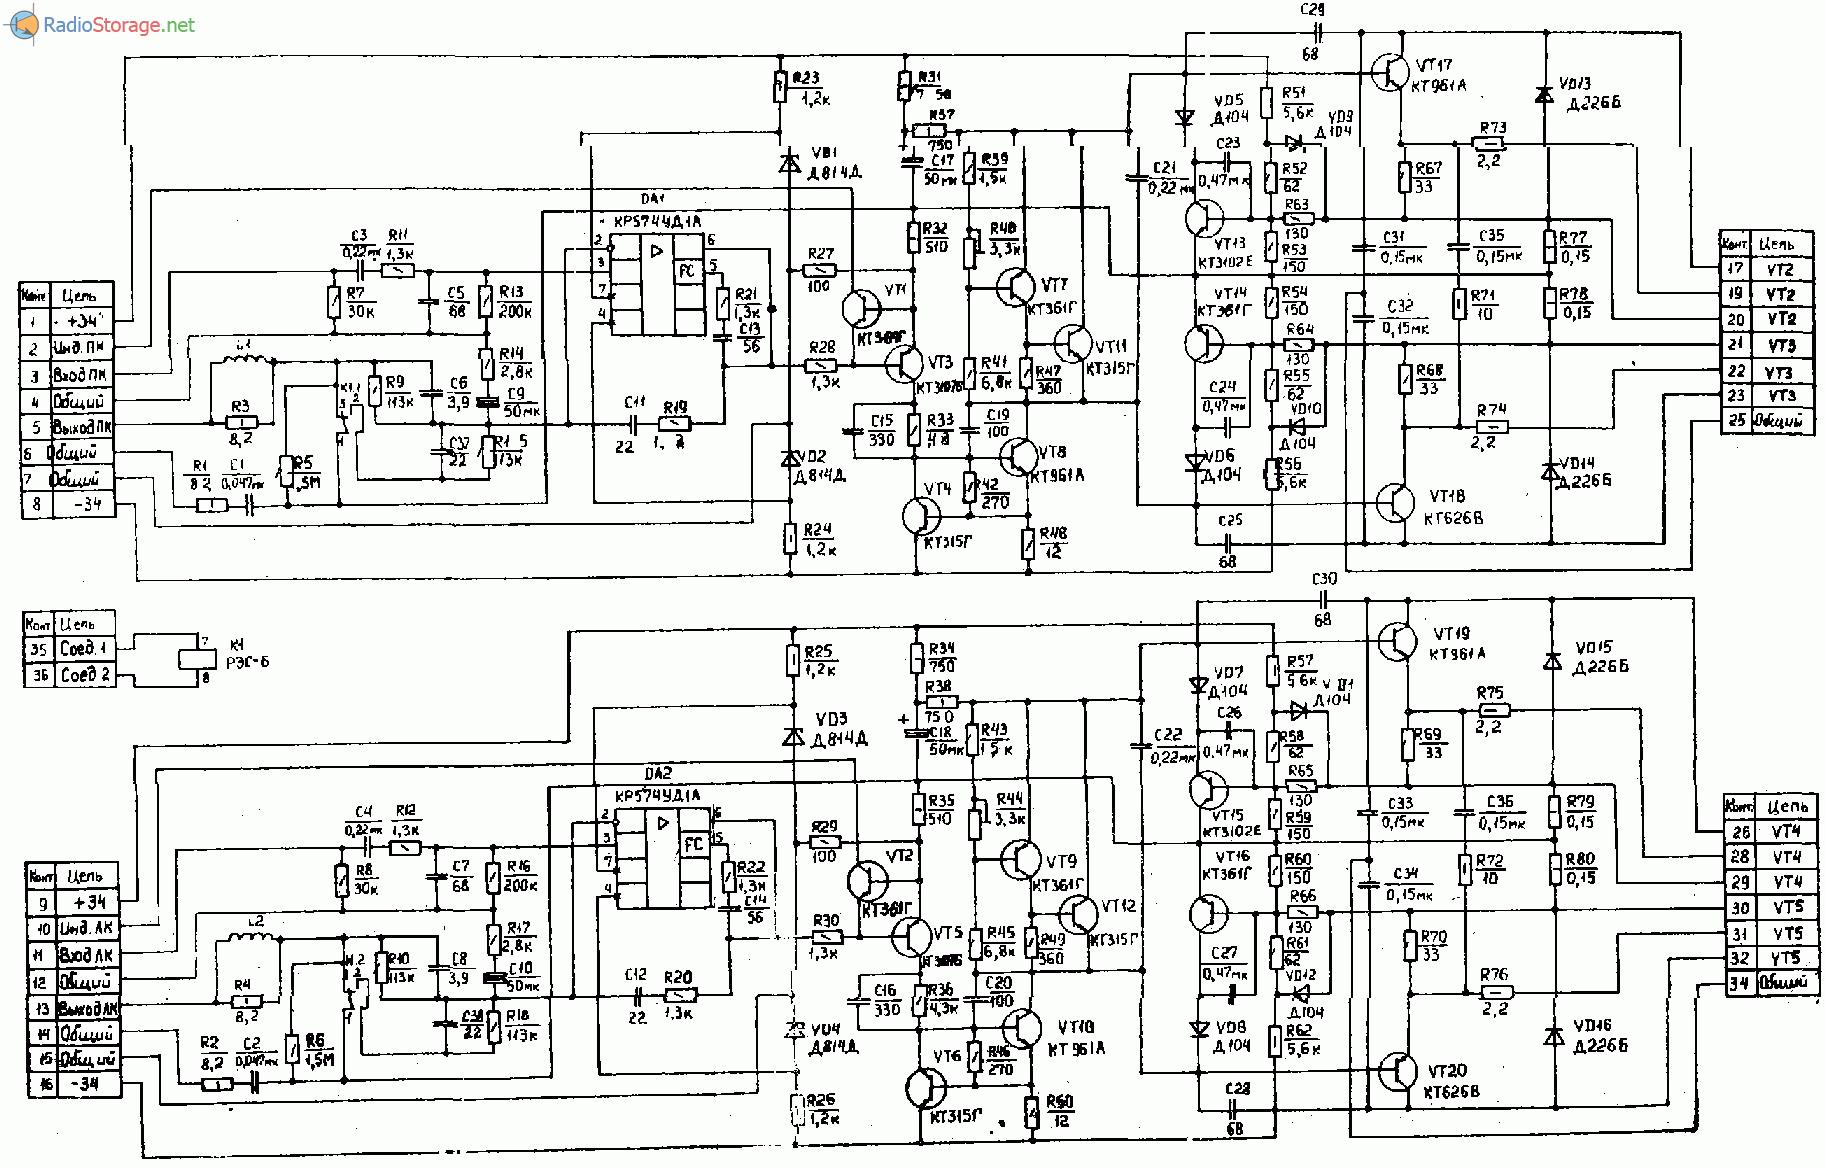 Усилитель Бриг У-001 стерео - схема, внешний вид, фото